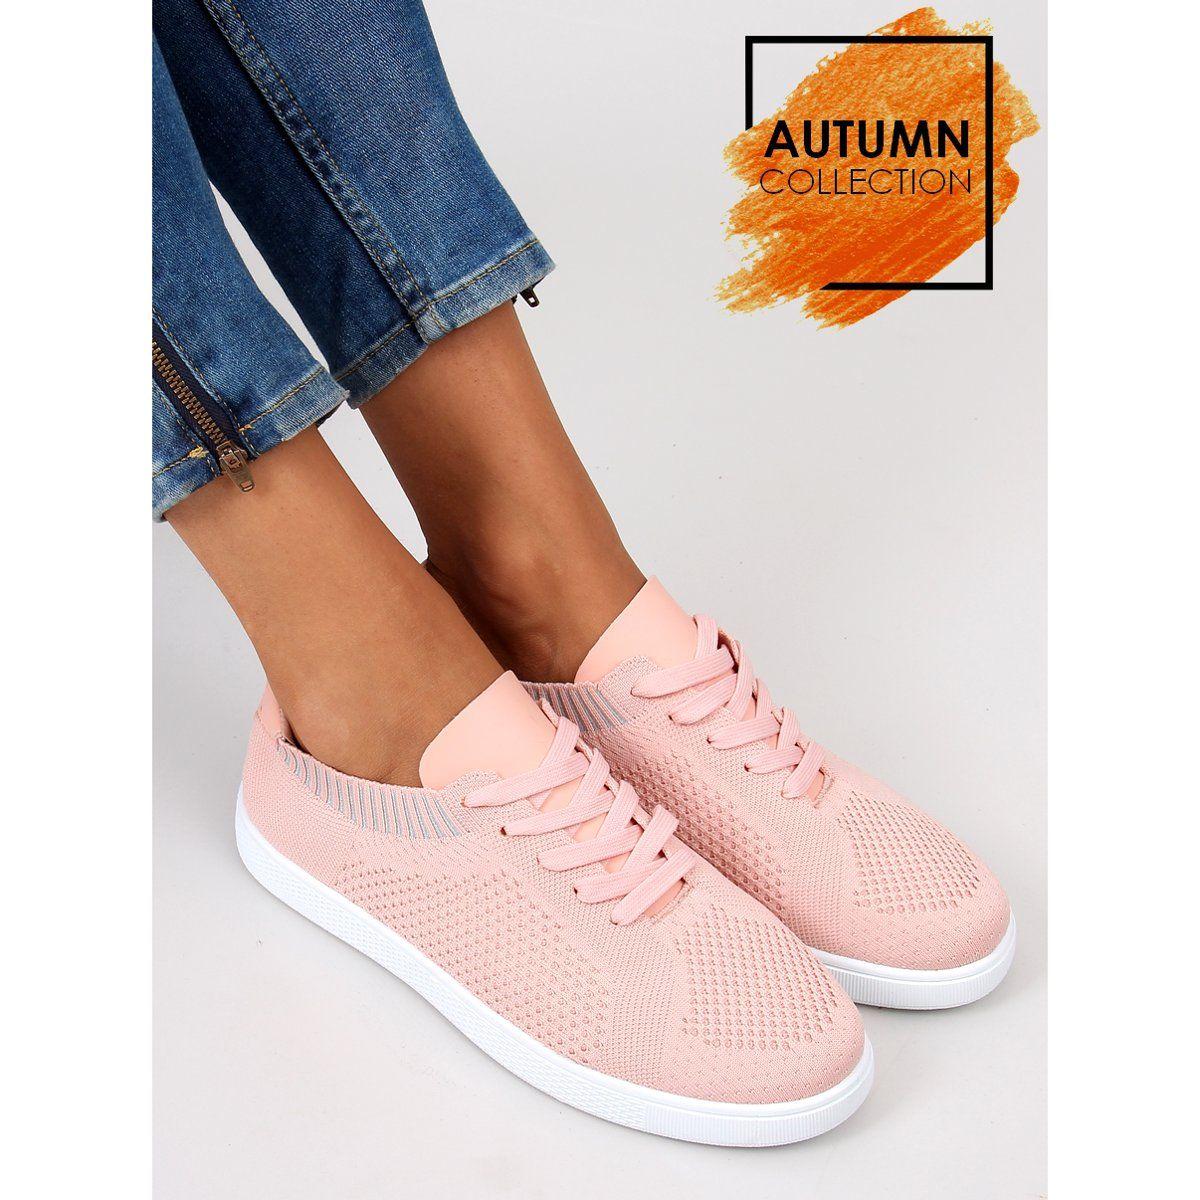 Trampki Skarpetkowe New Style Lz 9826 Pink Rozowe Zapatos